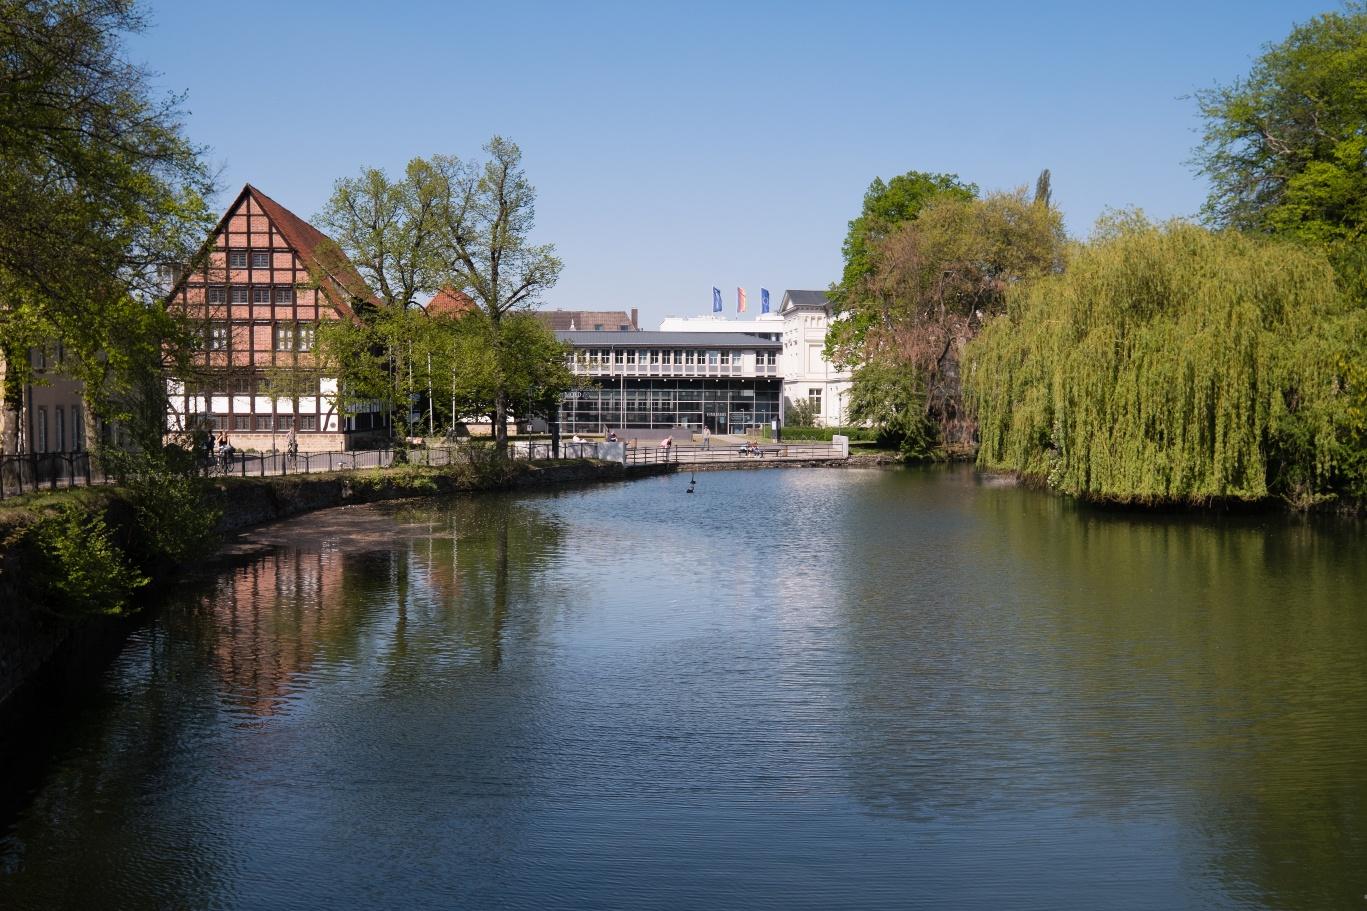 Blick auf das Lippische Landesmuseum